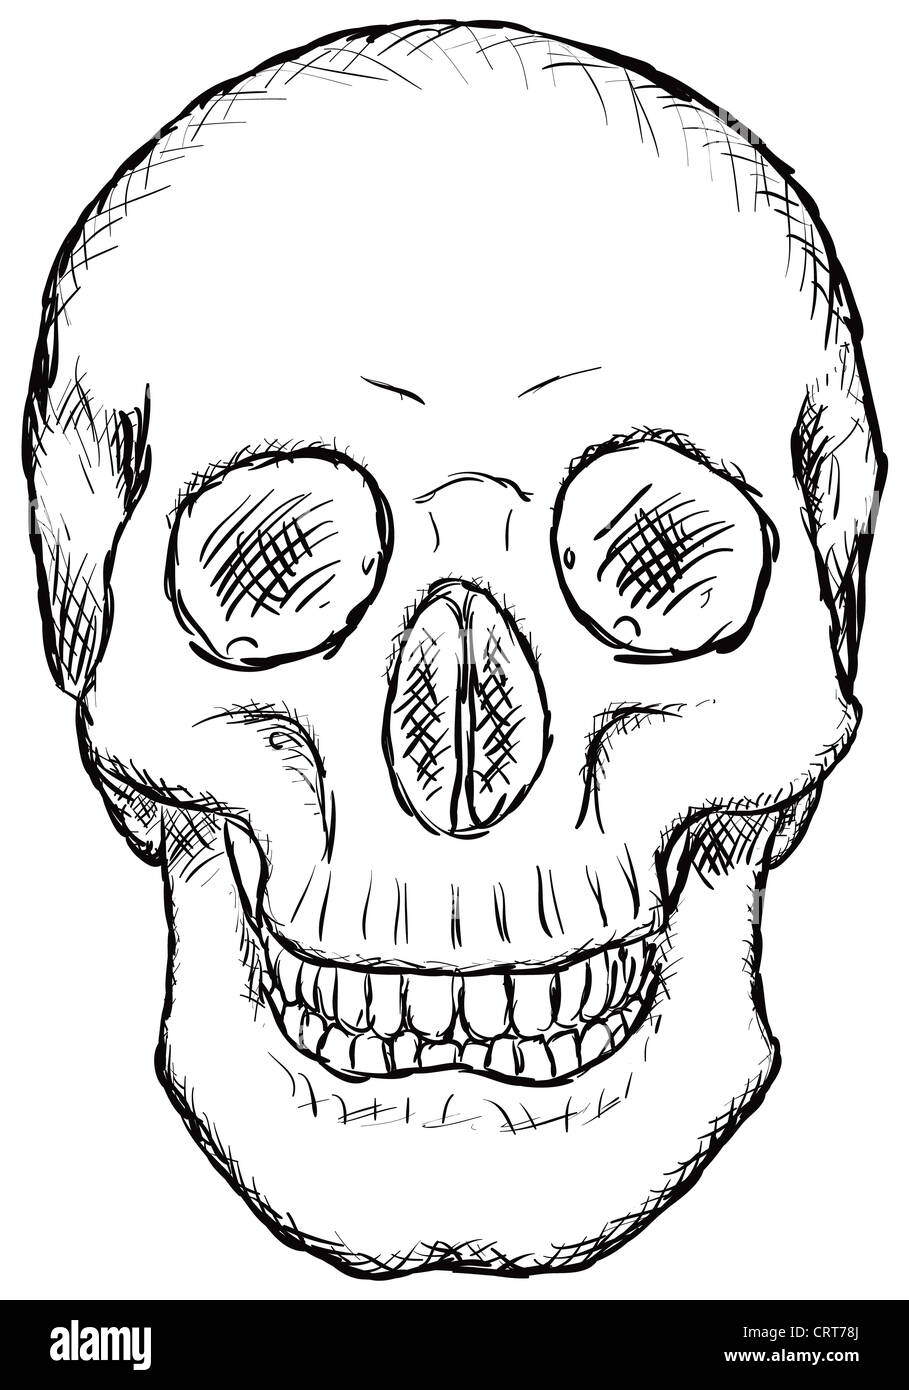 Fantastisch Der Menschliche Schädel Galerie - Menschliche Anatomie ...